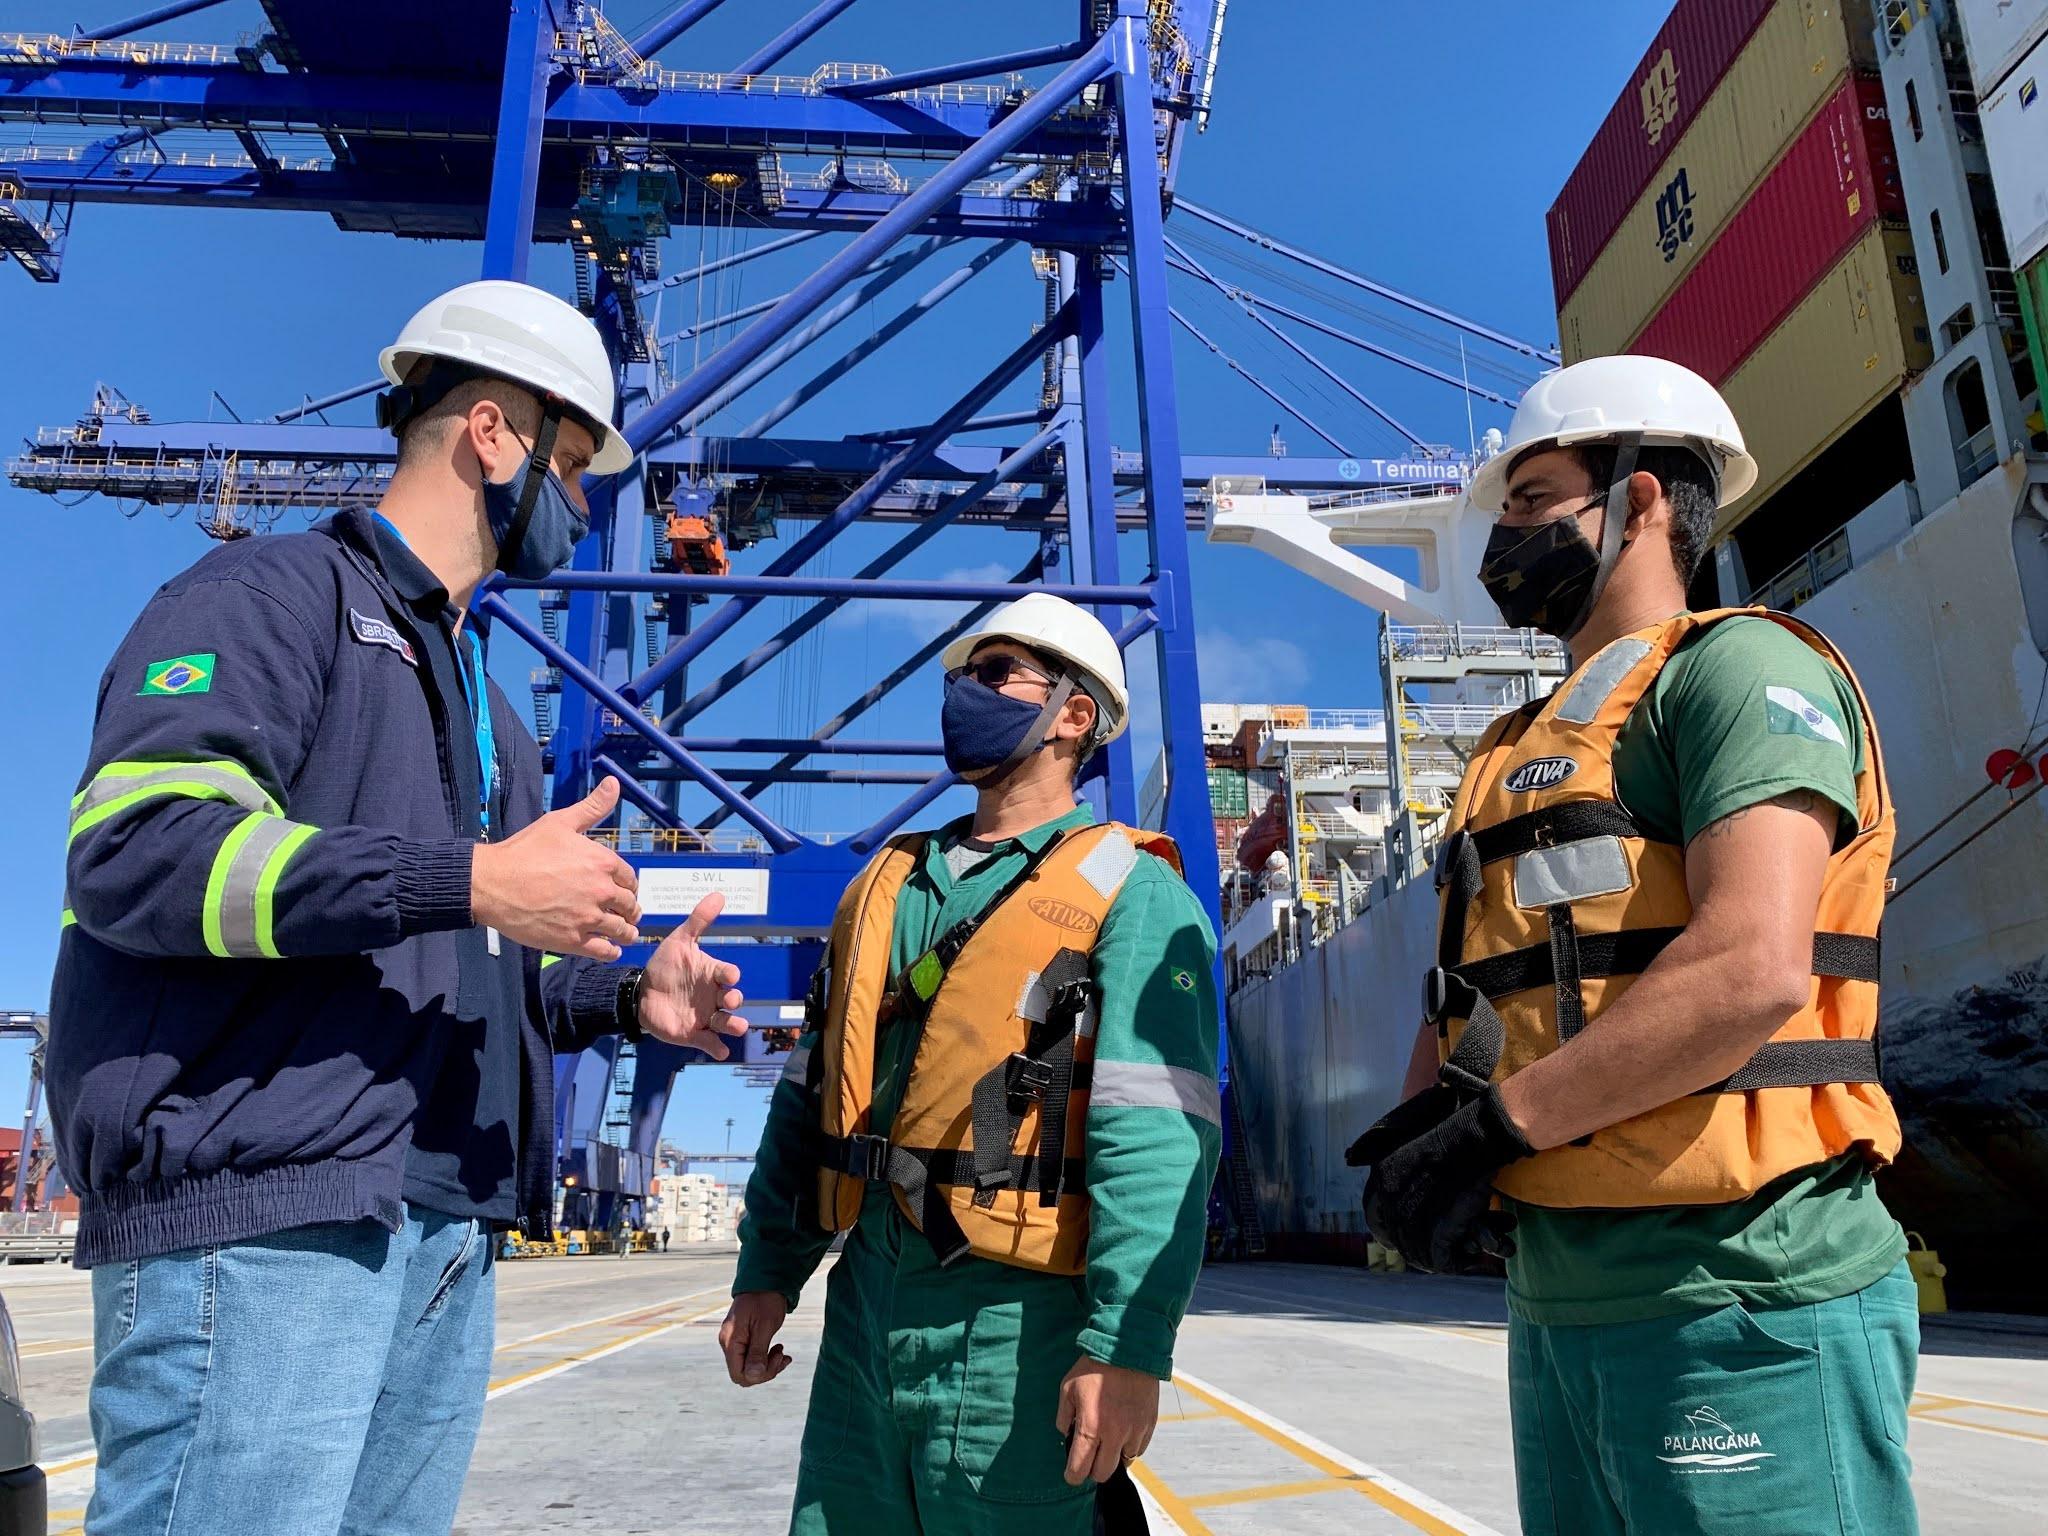 Os portos do Paraná reforçam rotinas e protocolos de segurança no trabalho